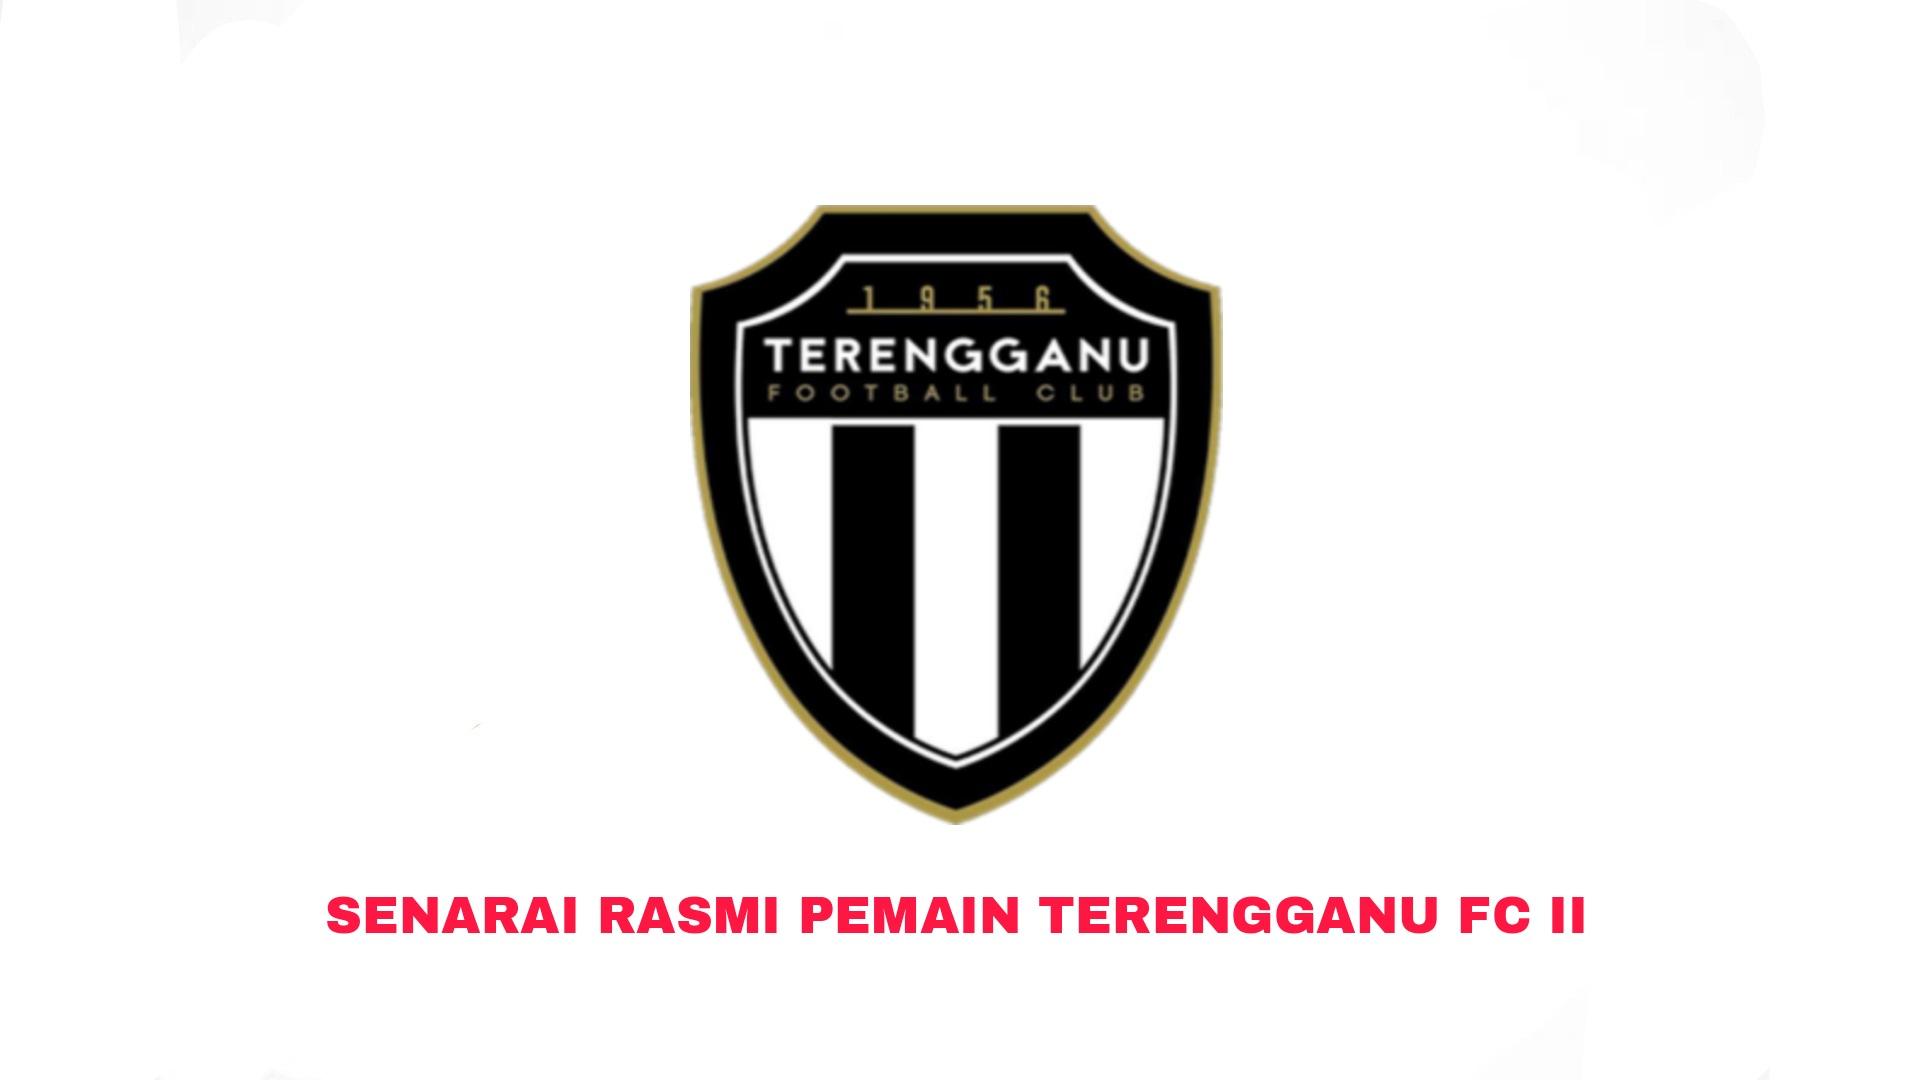 Senarai Rasmi Pemain Terengganu 2 2021 Liga Perdana